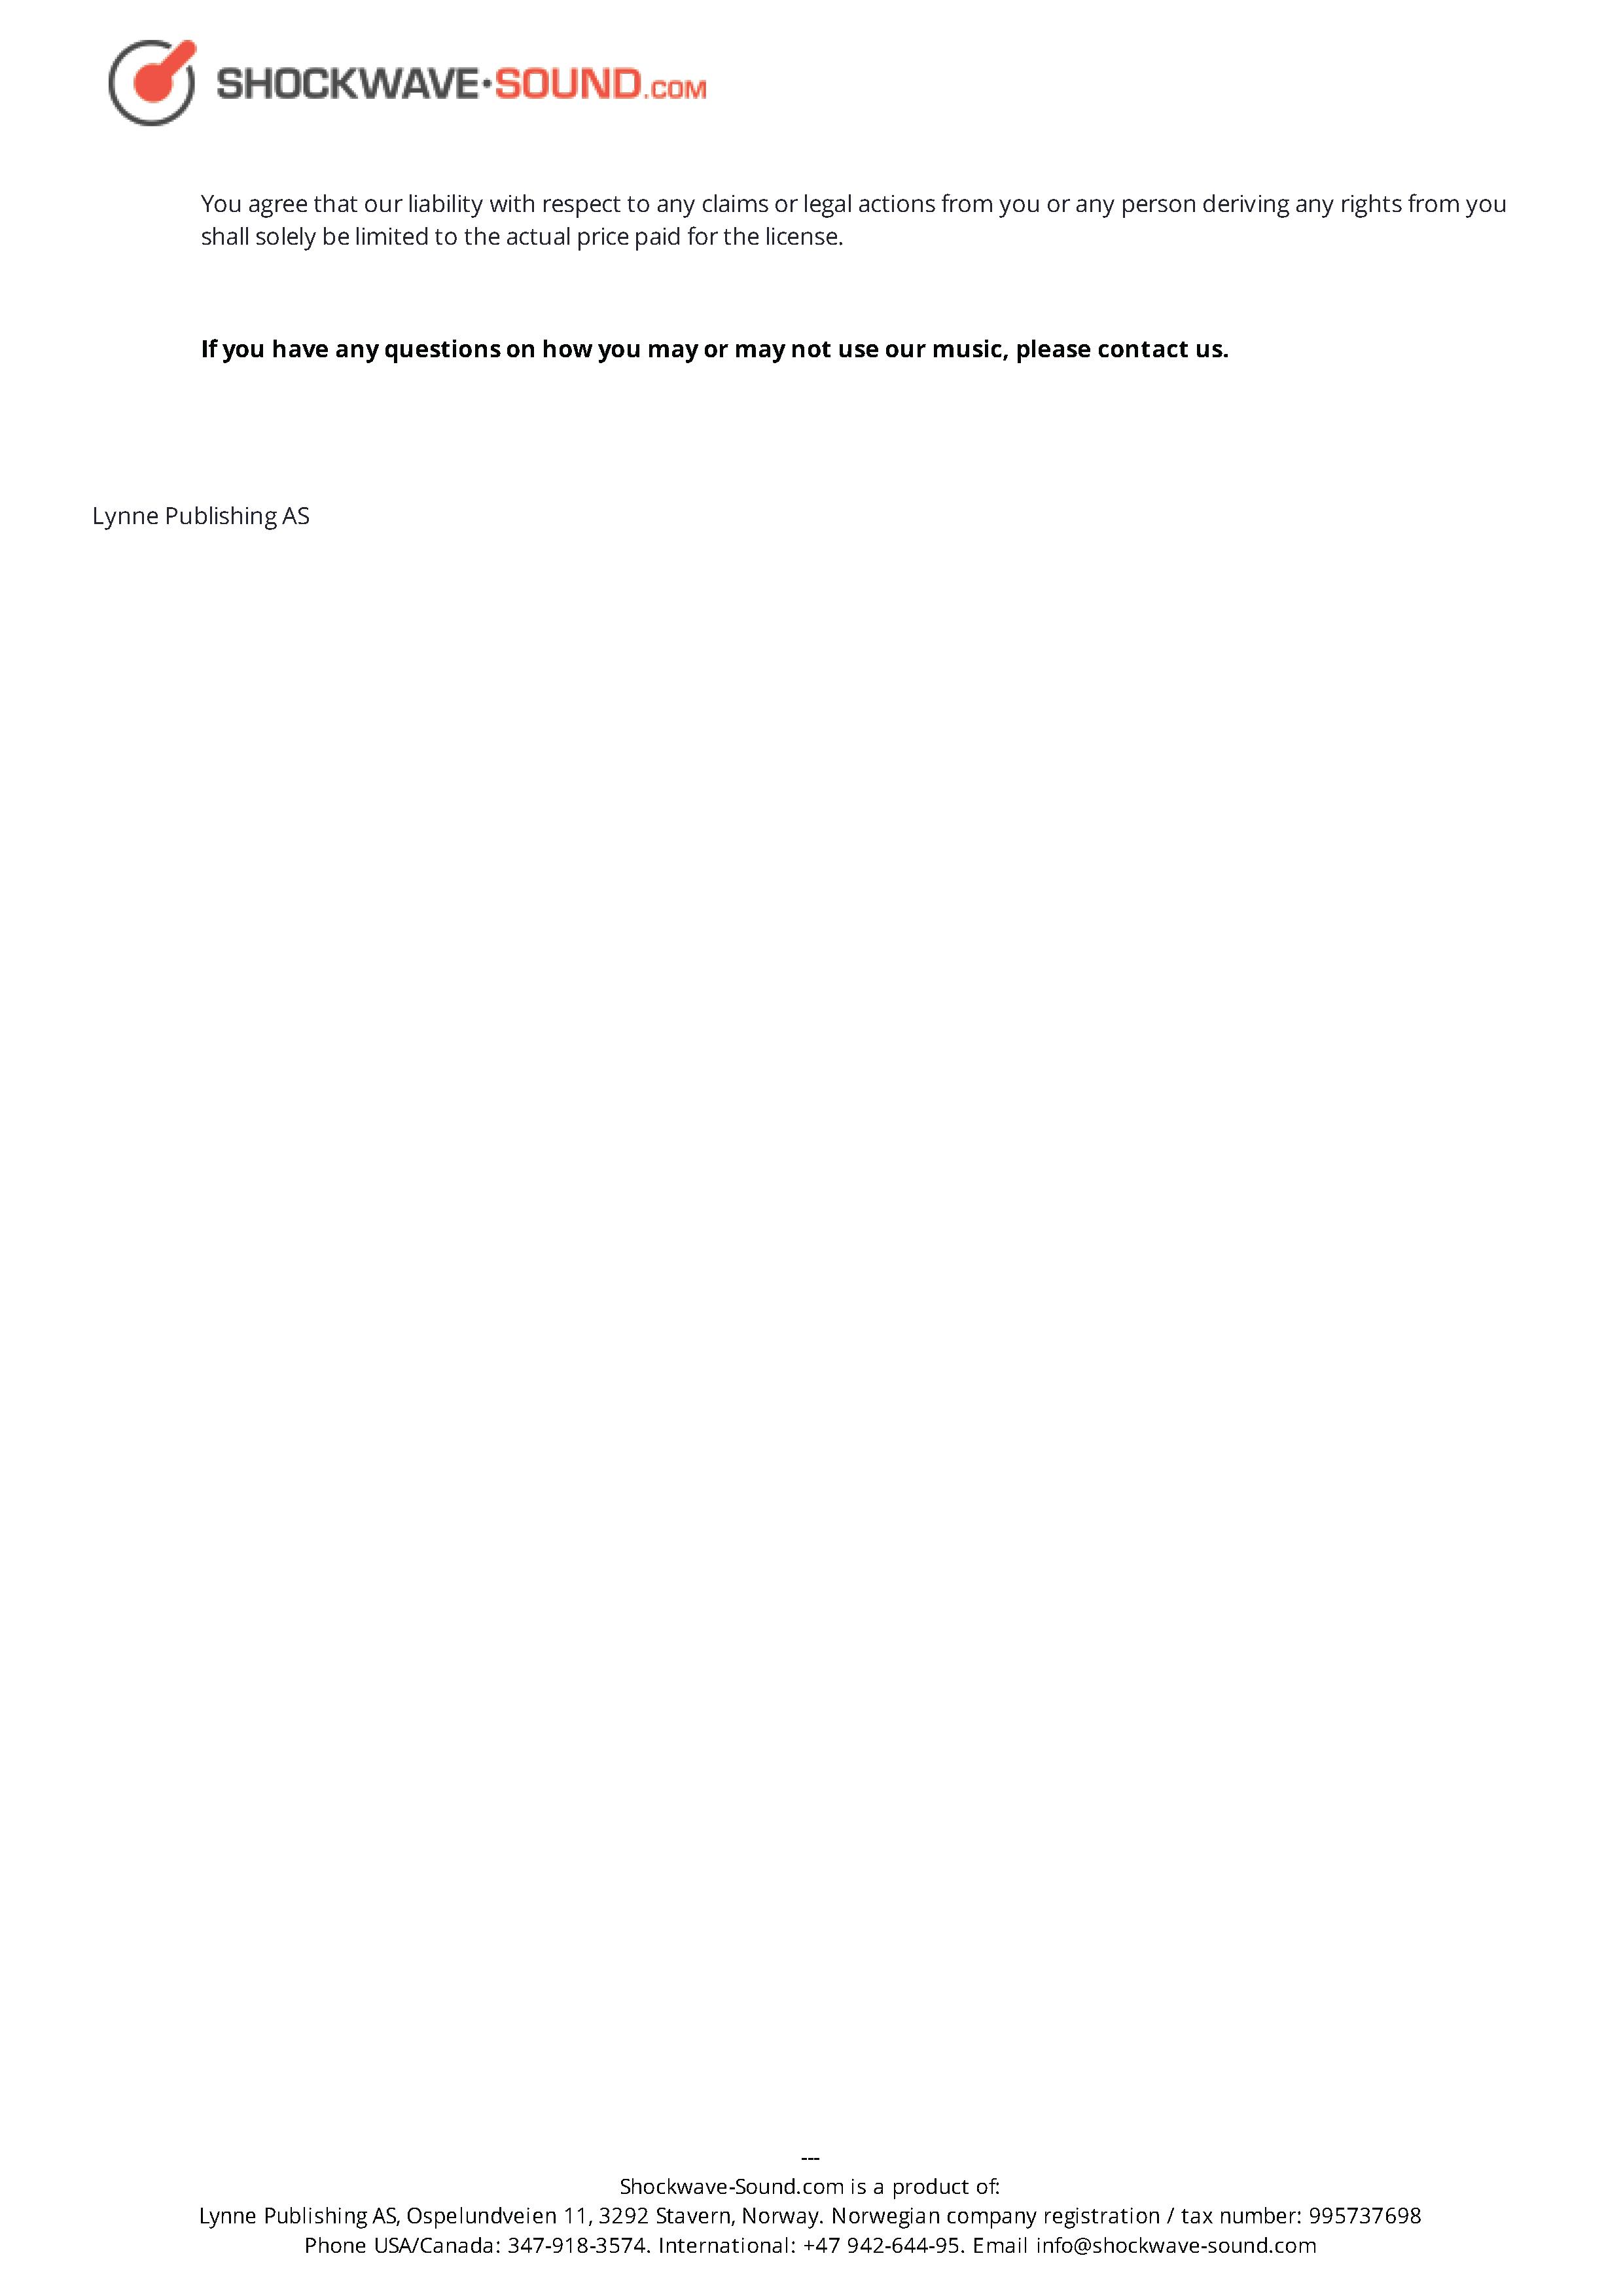 Shockwave Sound License Page 7